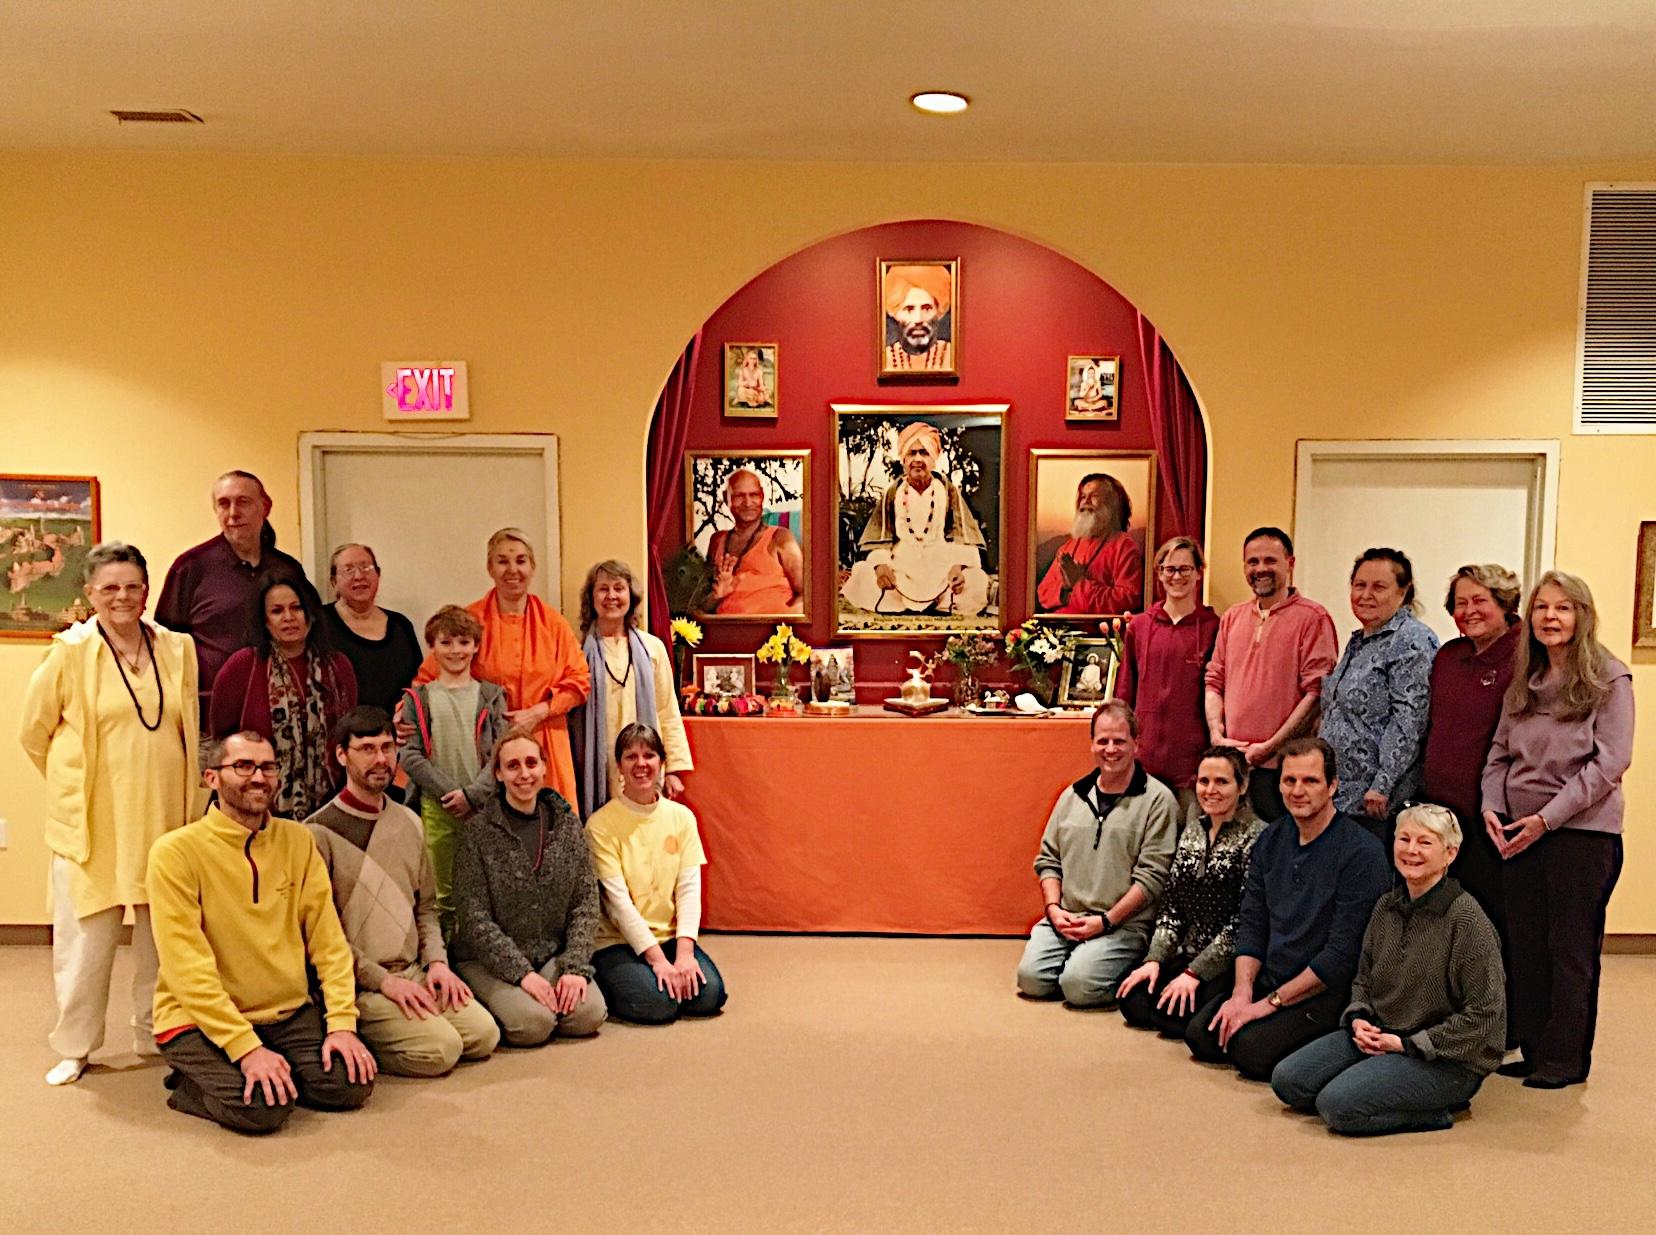 Farewell satsang for Swami Uma Puri